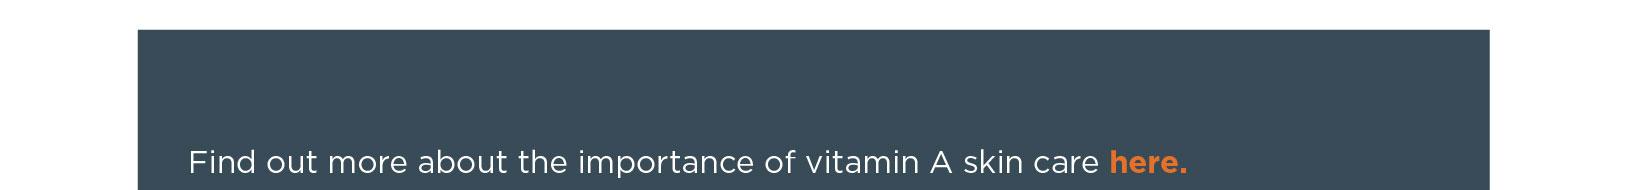 Vitamin A Skin Care